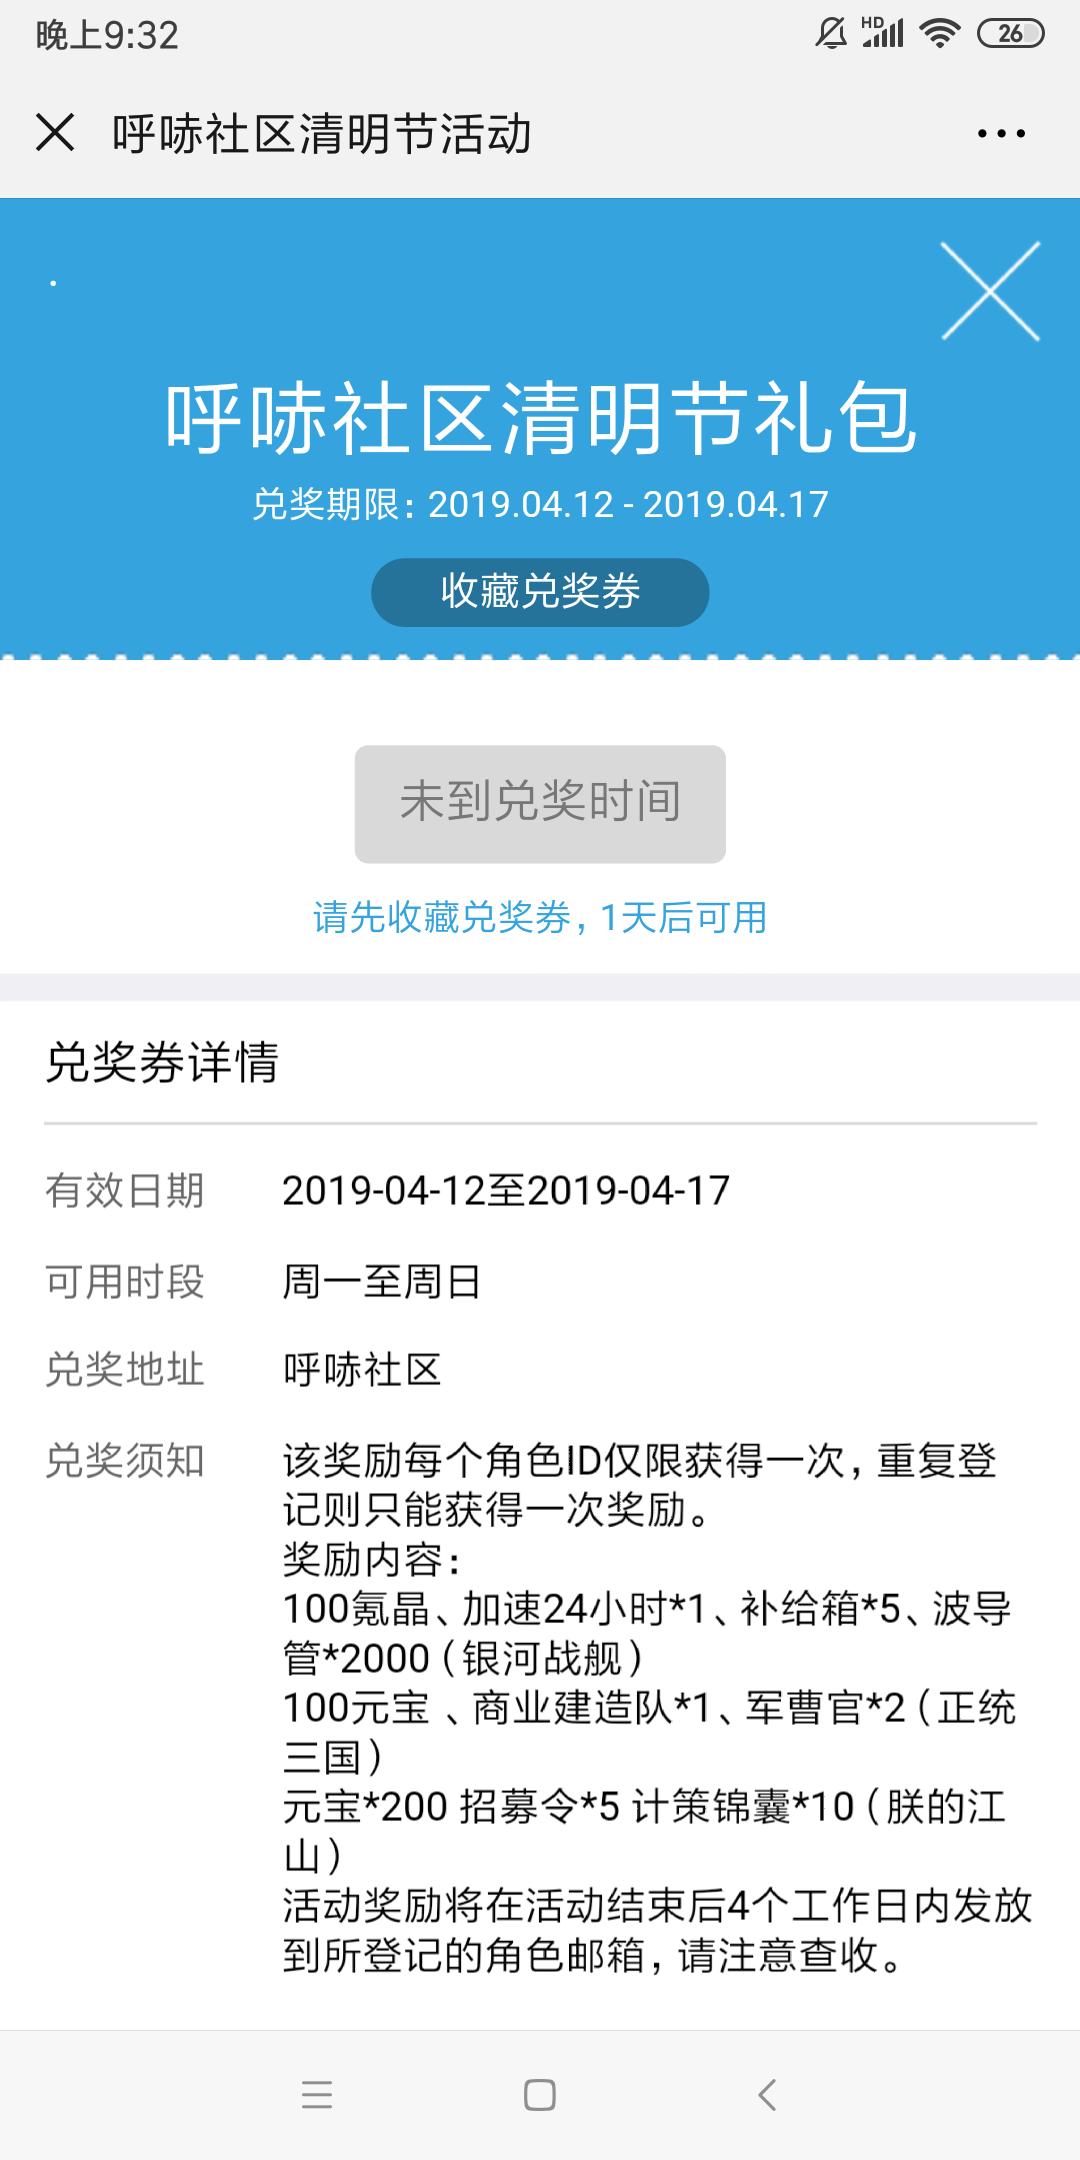 Screenshot_2019-04-11-21-32-22-943_com.tencent.mm.png